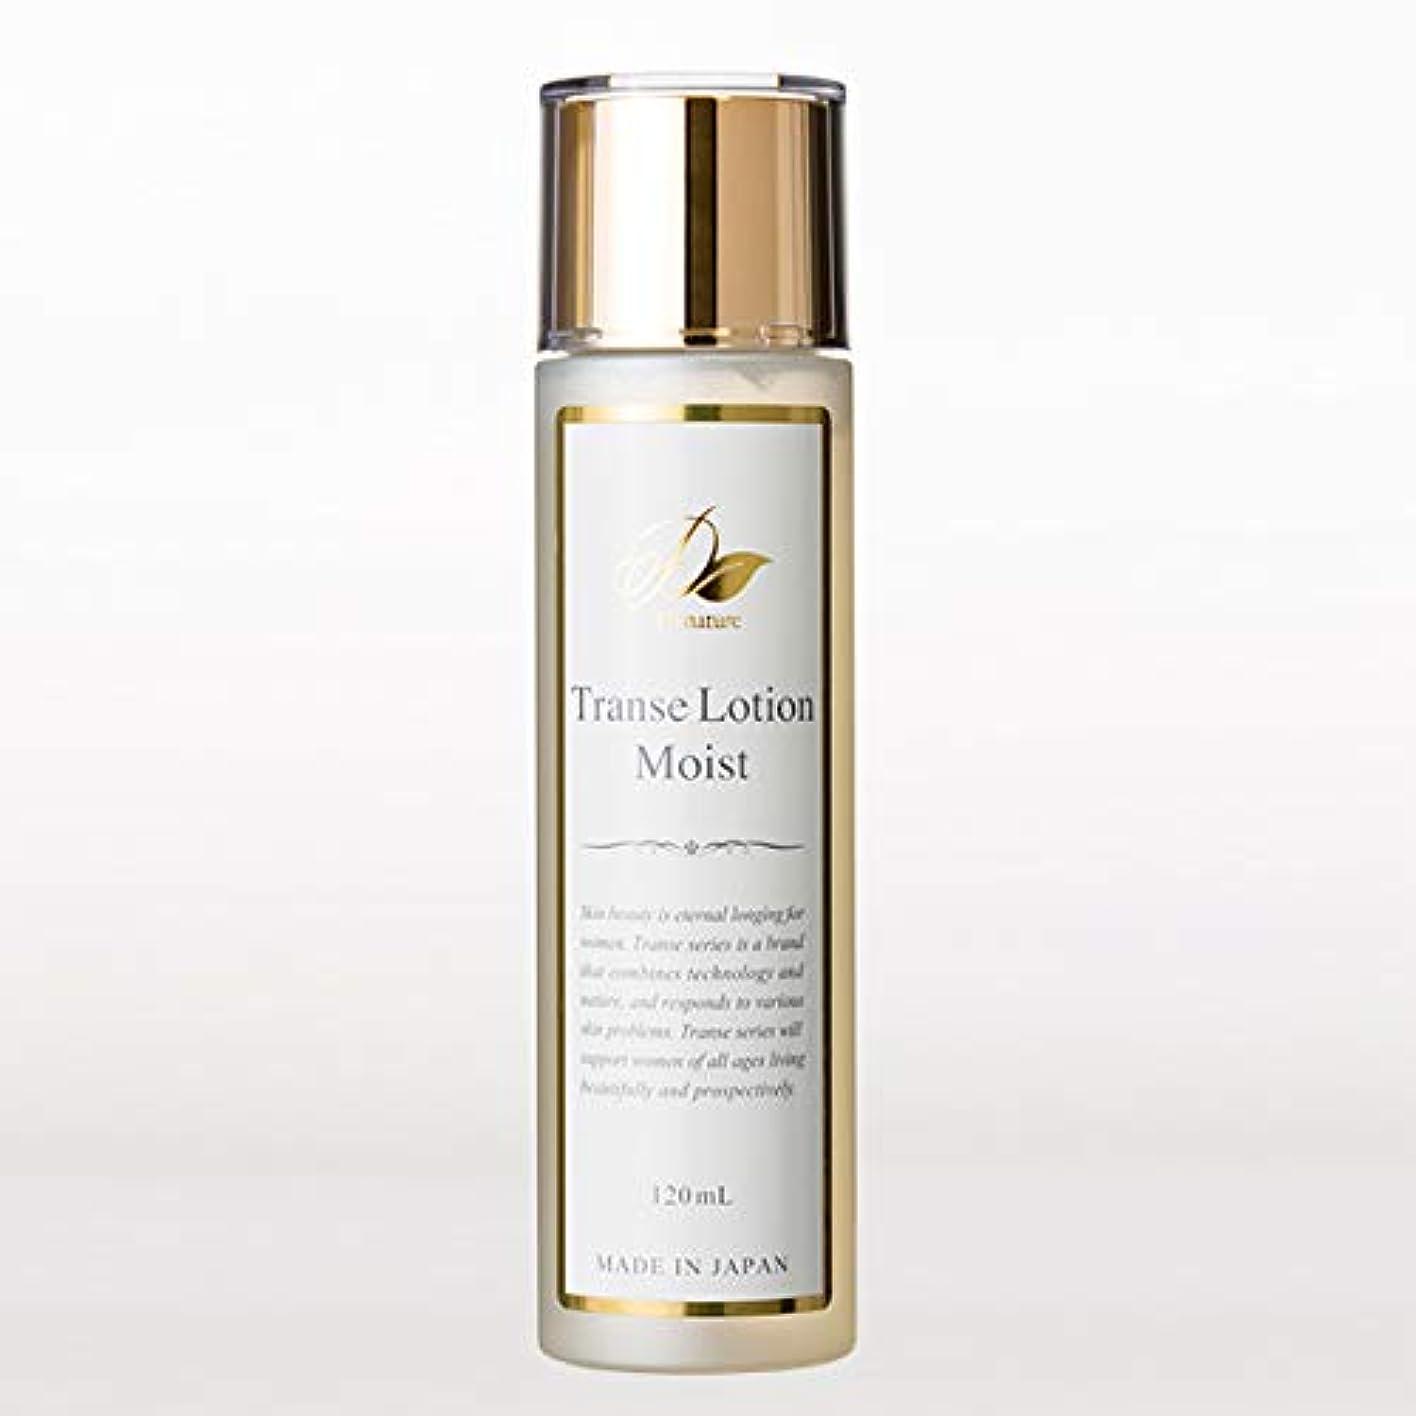 トランス 化粧水 Moist 120ml しっとりタイプ「明るく 透明感 トーンアップ ブライトニング メラニン対策 エイジングケア」